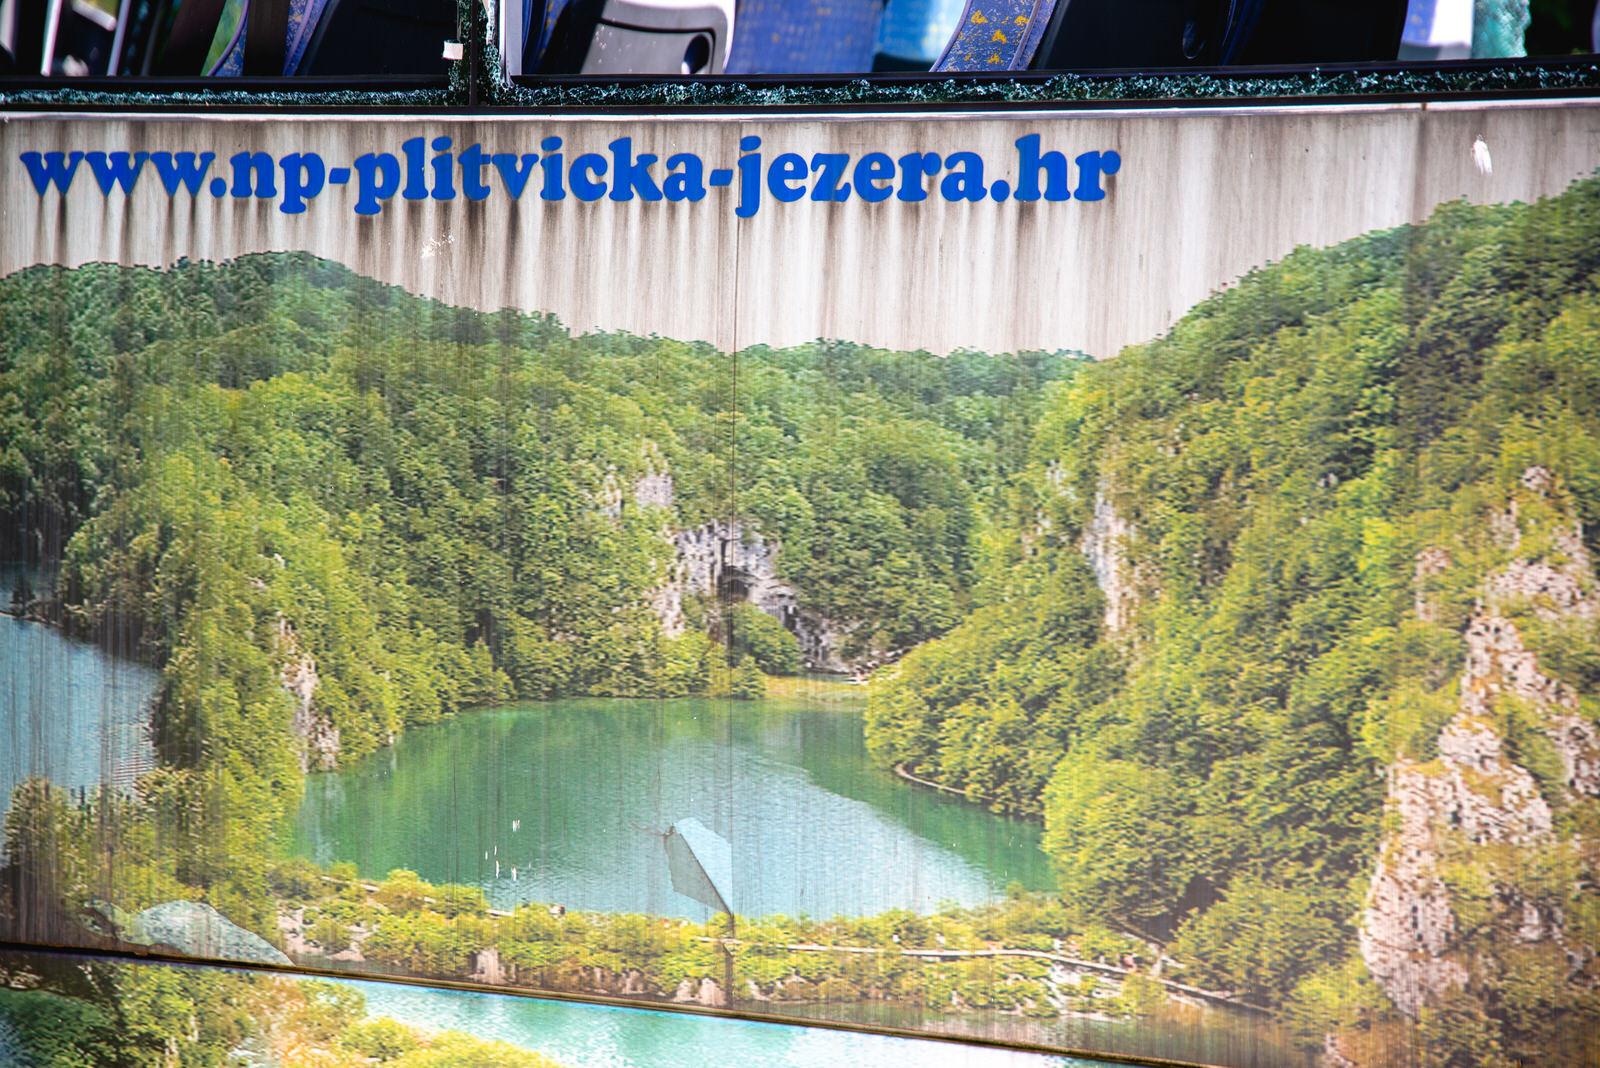 likaclub_autobusi plitvička jezera u mukinjama_11_8_2020 (3)